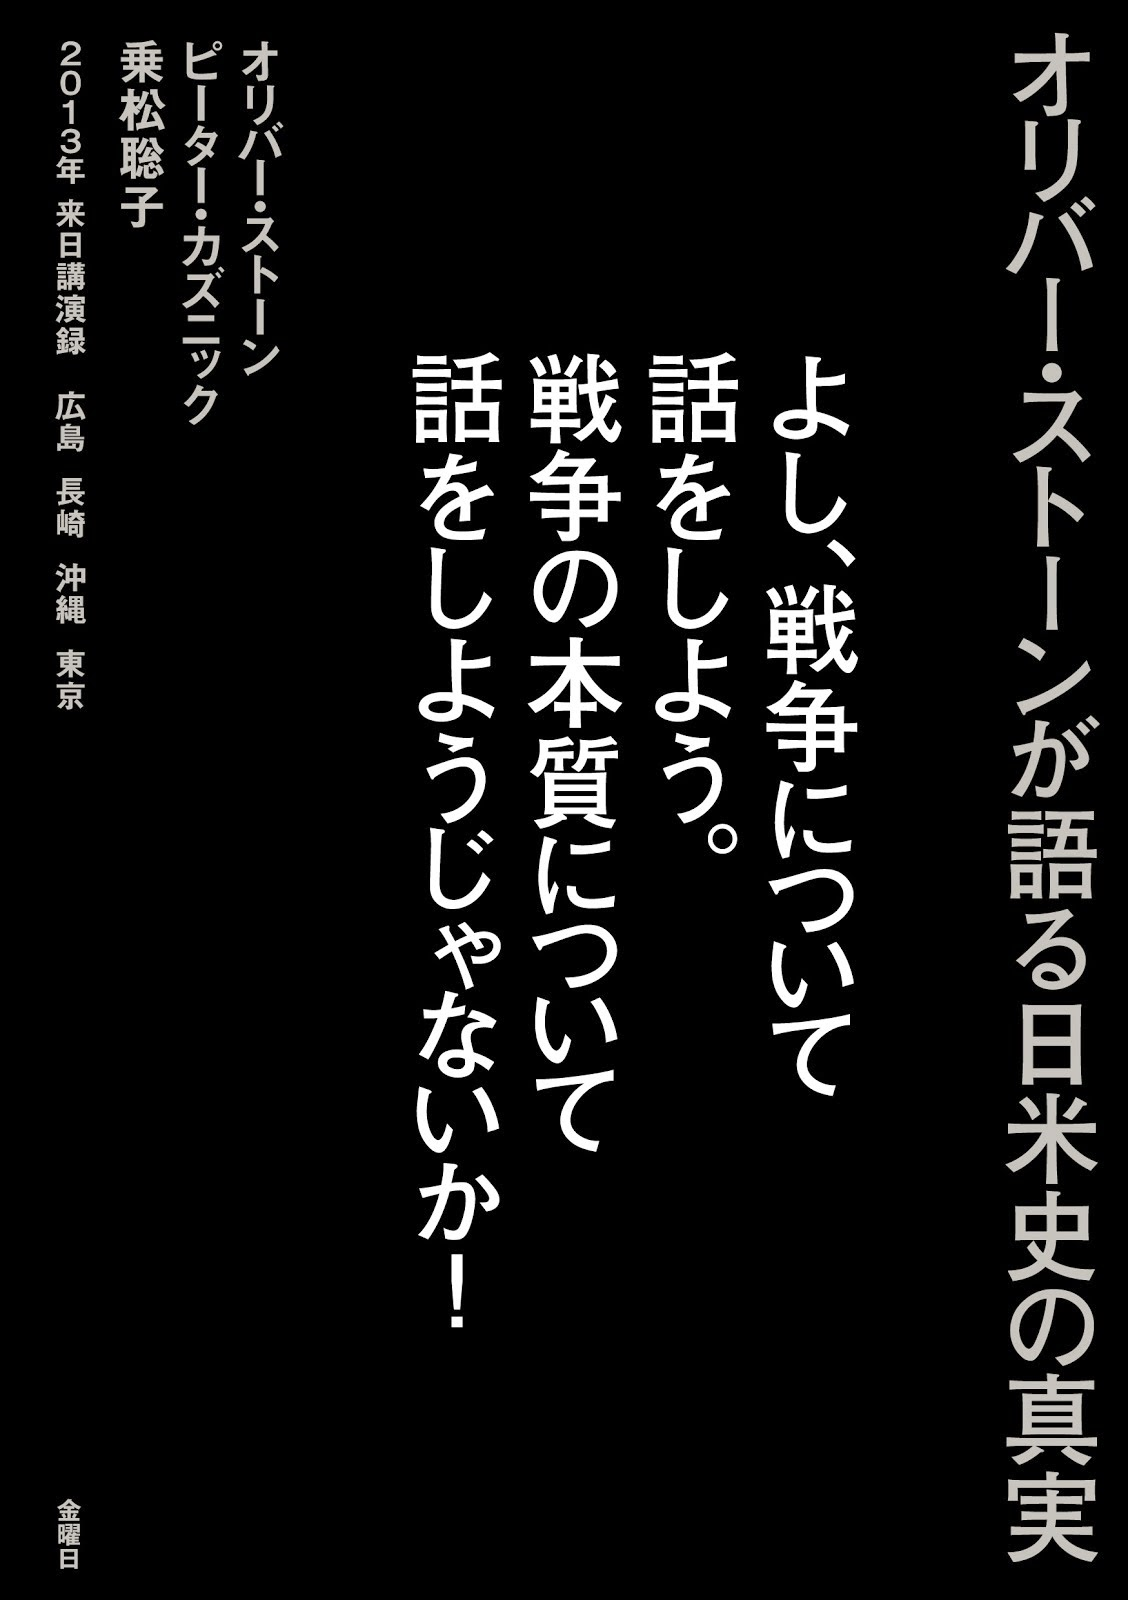 新刊案内-オリバー・ストーン、ピーター・カズニック、乗松聡子共著2013来日・来沖講演の記録